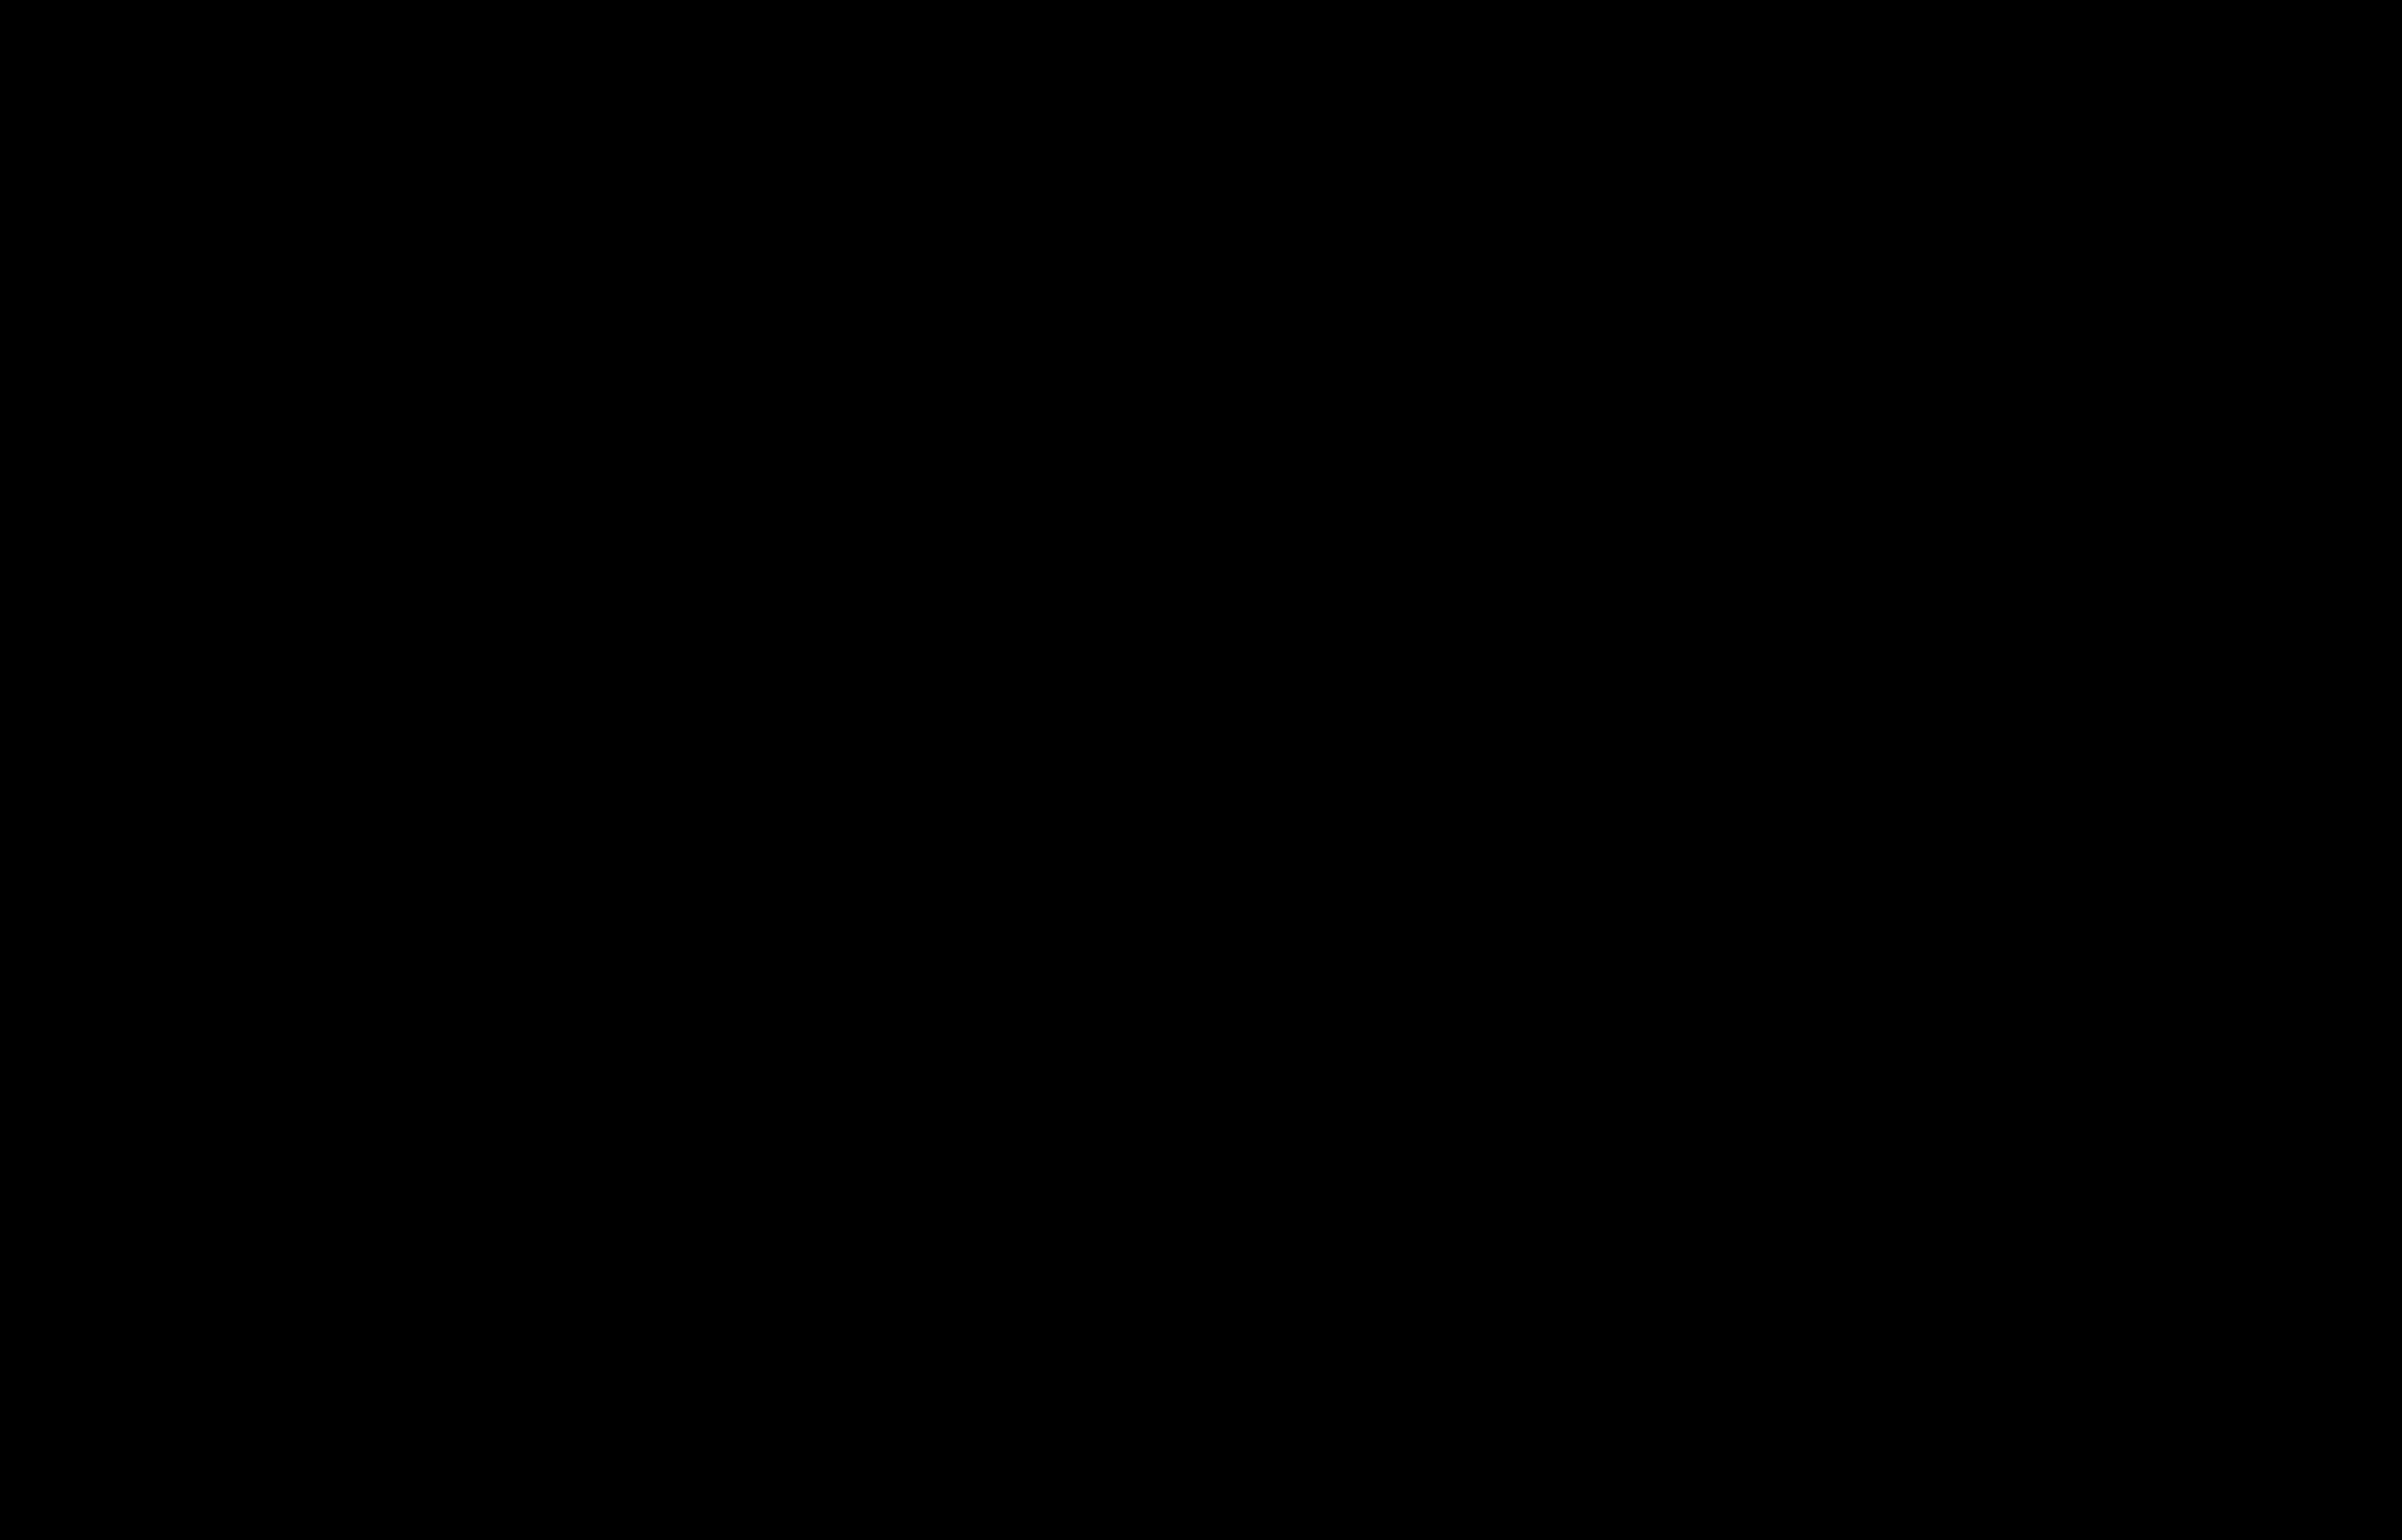 Ciclo de la peste negra del tomate y el pimiento, causados por el TSWV. El ciclo de vida del trip vector desde huevo hasta adulto puede variar entre 15 a 40 días, dependiendo del rango de temperaturas predominante.